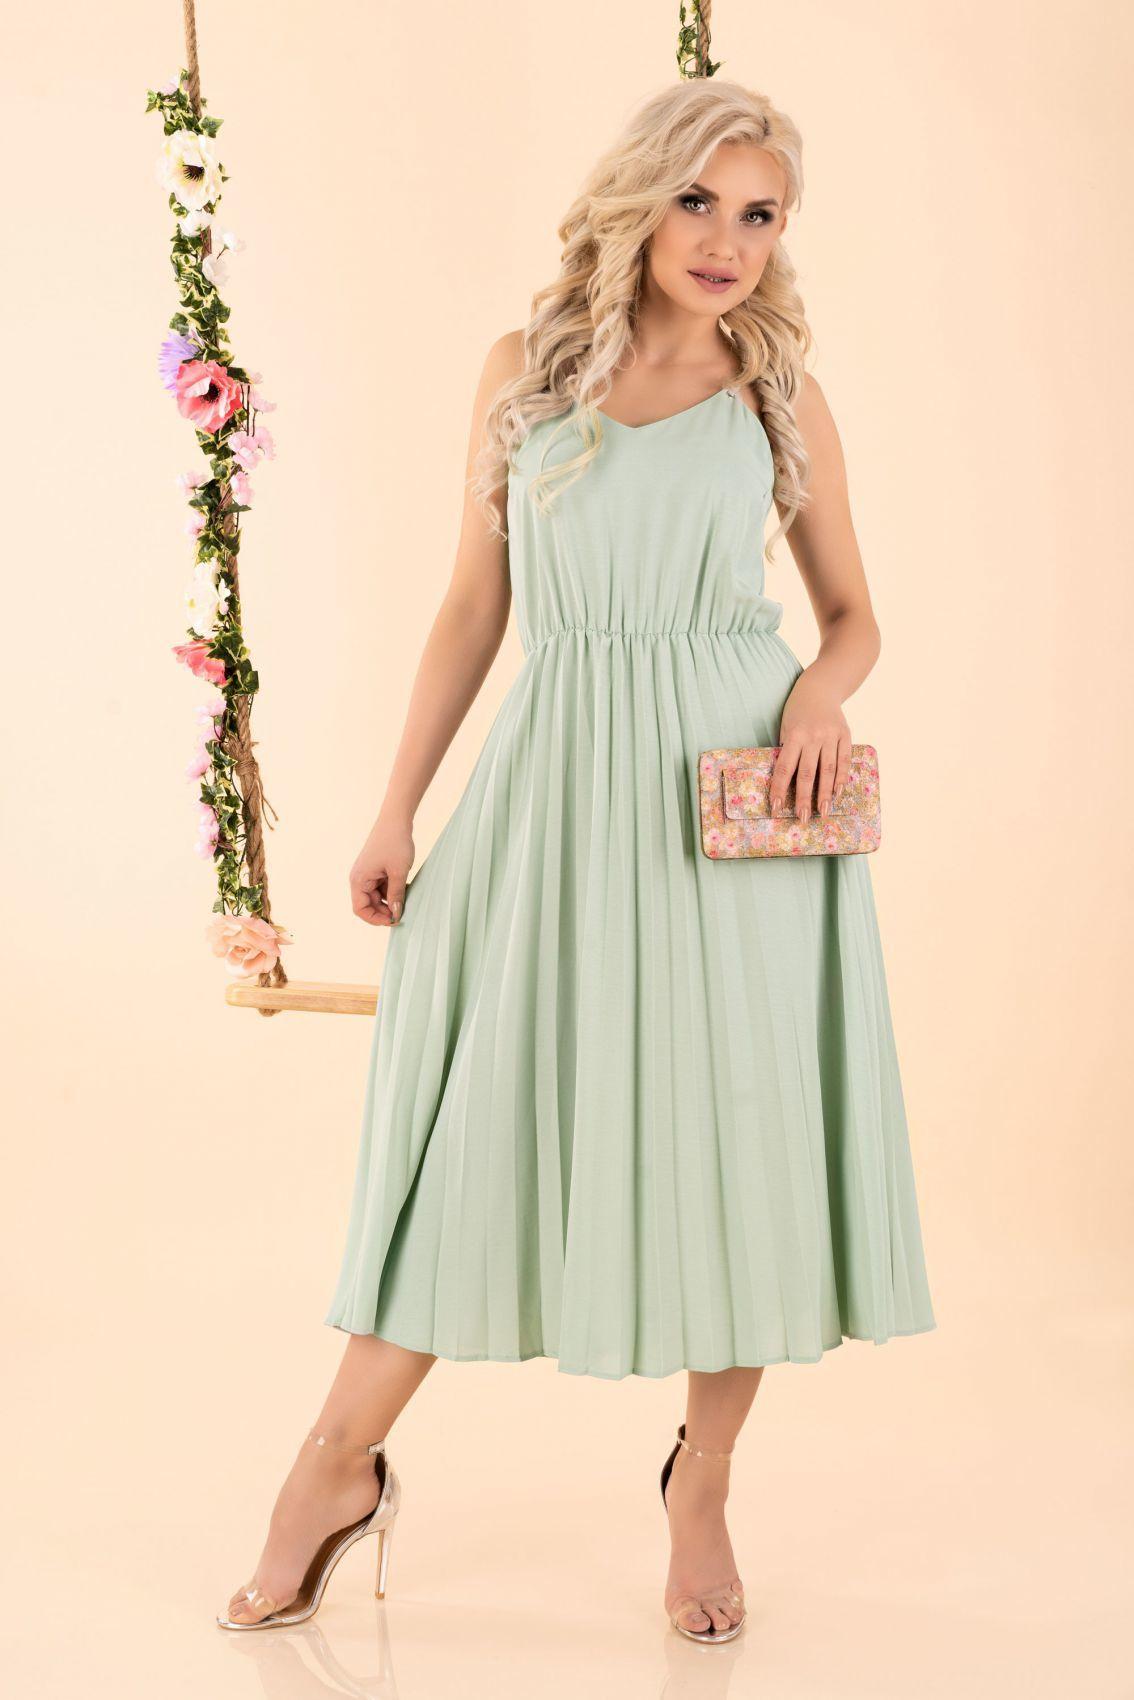 Errigam Mint D56 sukienka